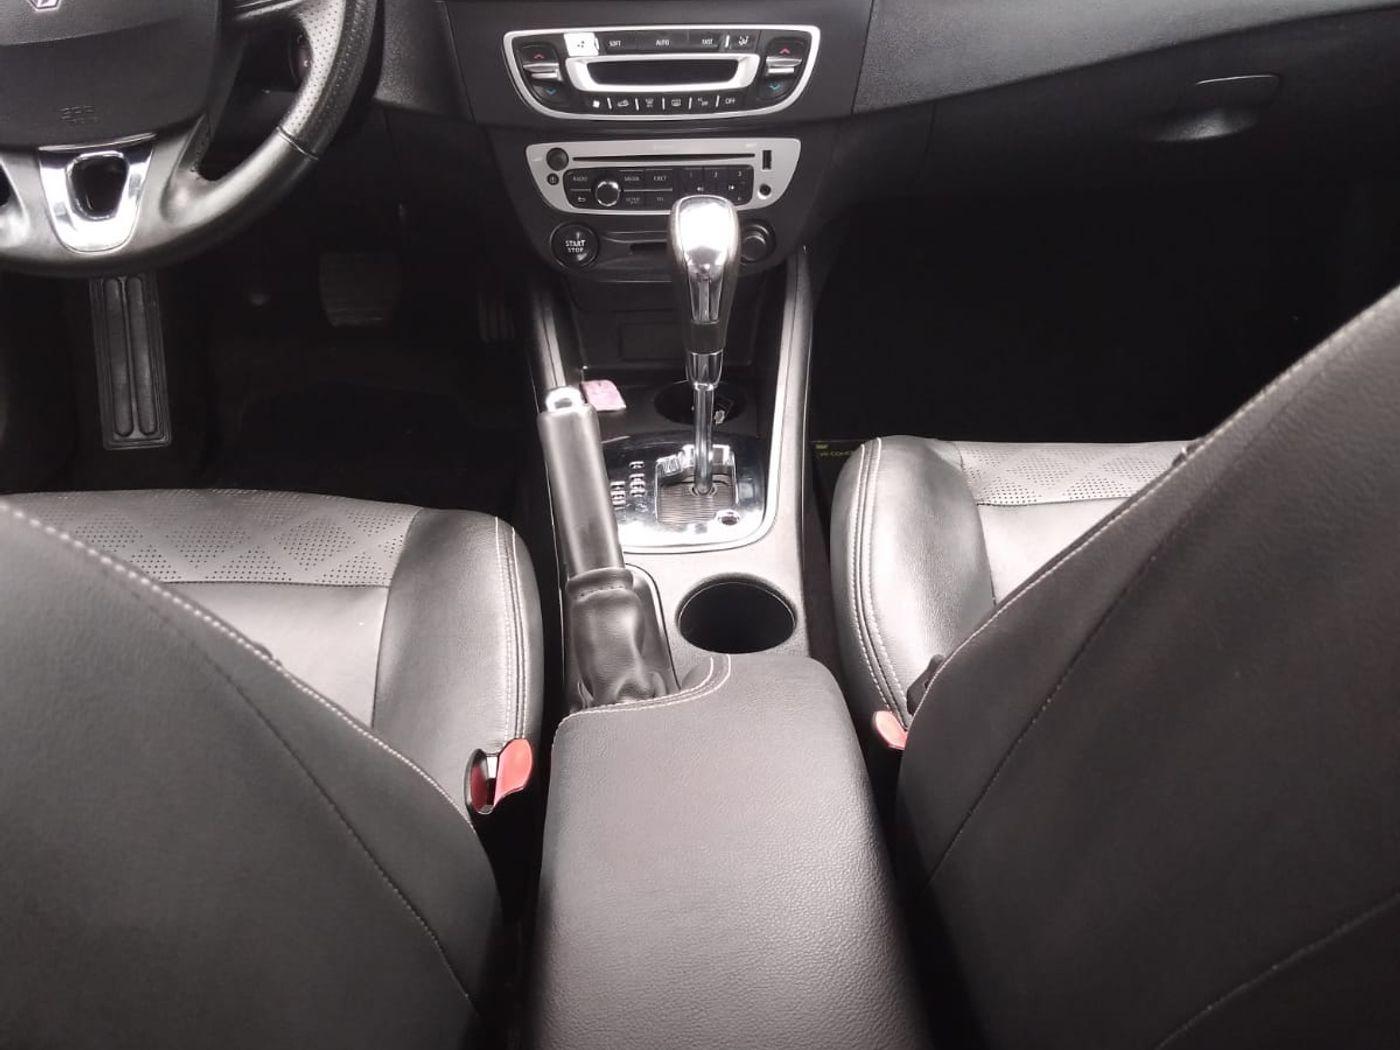 Renault FLUENCE Sed. Dynamique 2.0 16V FLEX Aut.